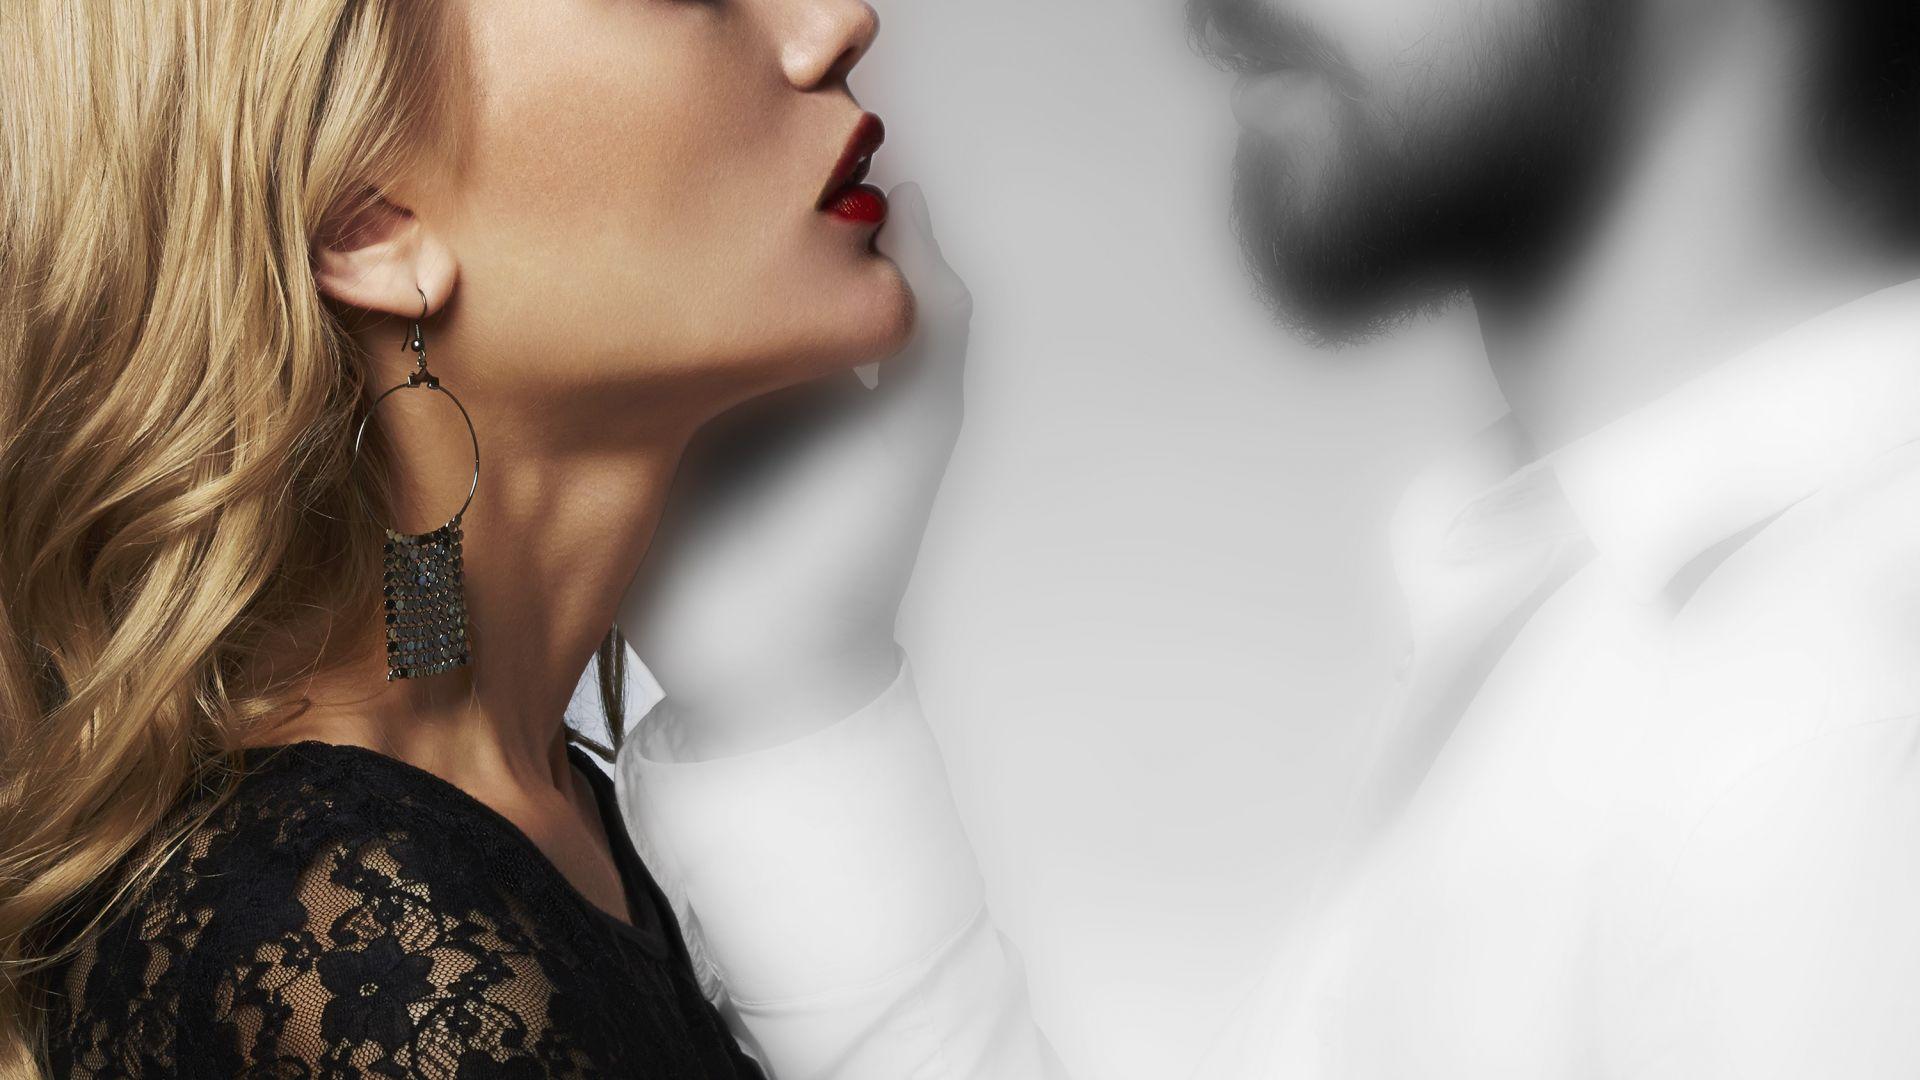 Защо с възрастта силата на интимните моменти отслабва, въпреки желанието?